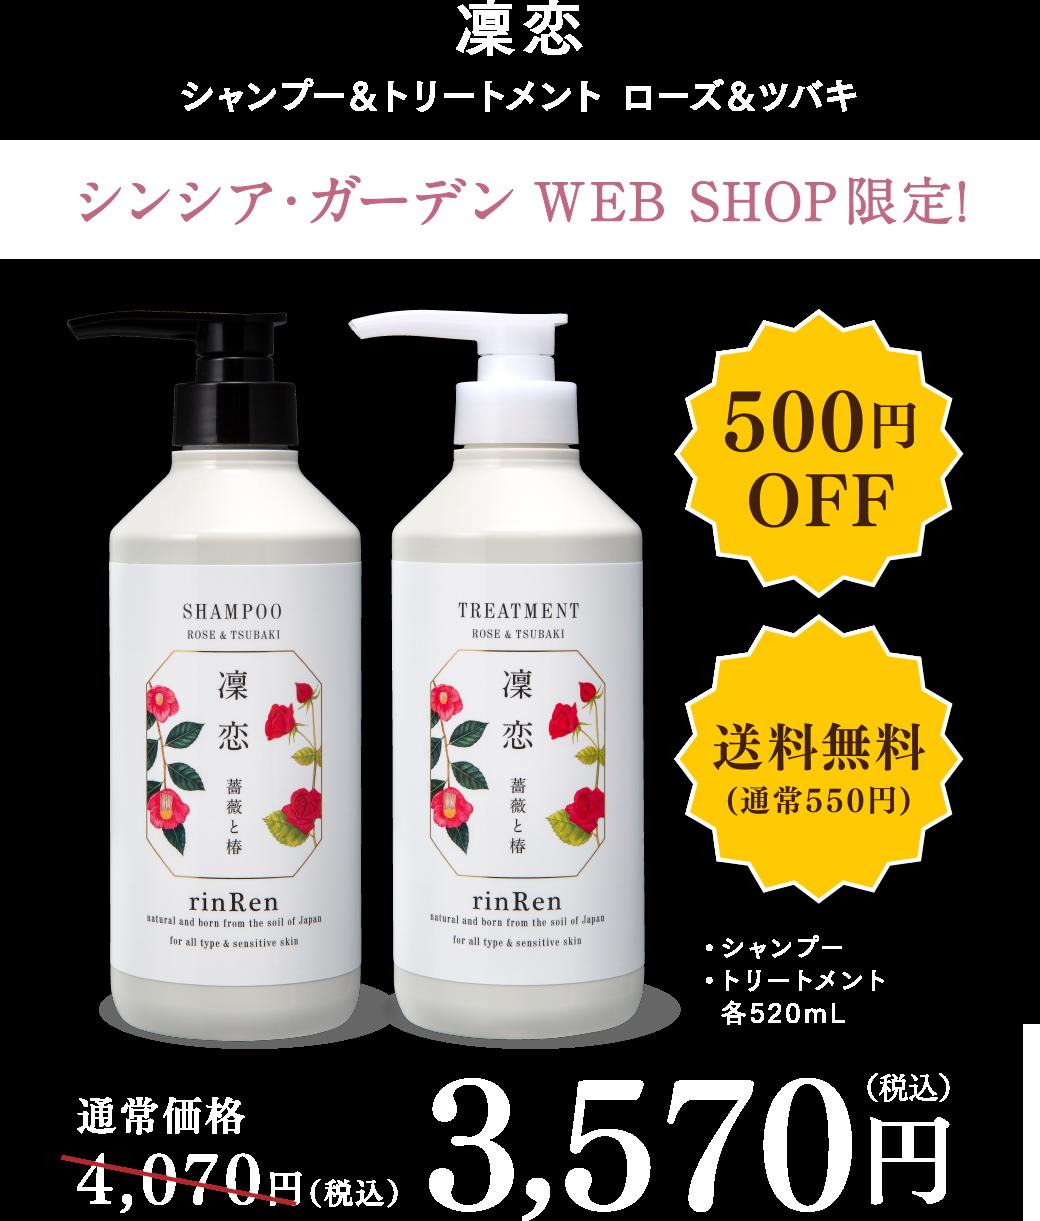 凛恋(リンレン)シャンプー&トリートメントセット ローズ&ツバキ 各520mL